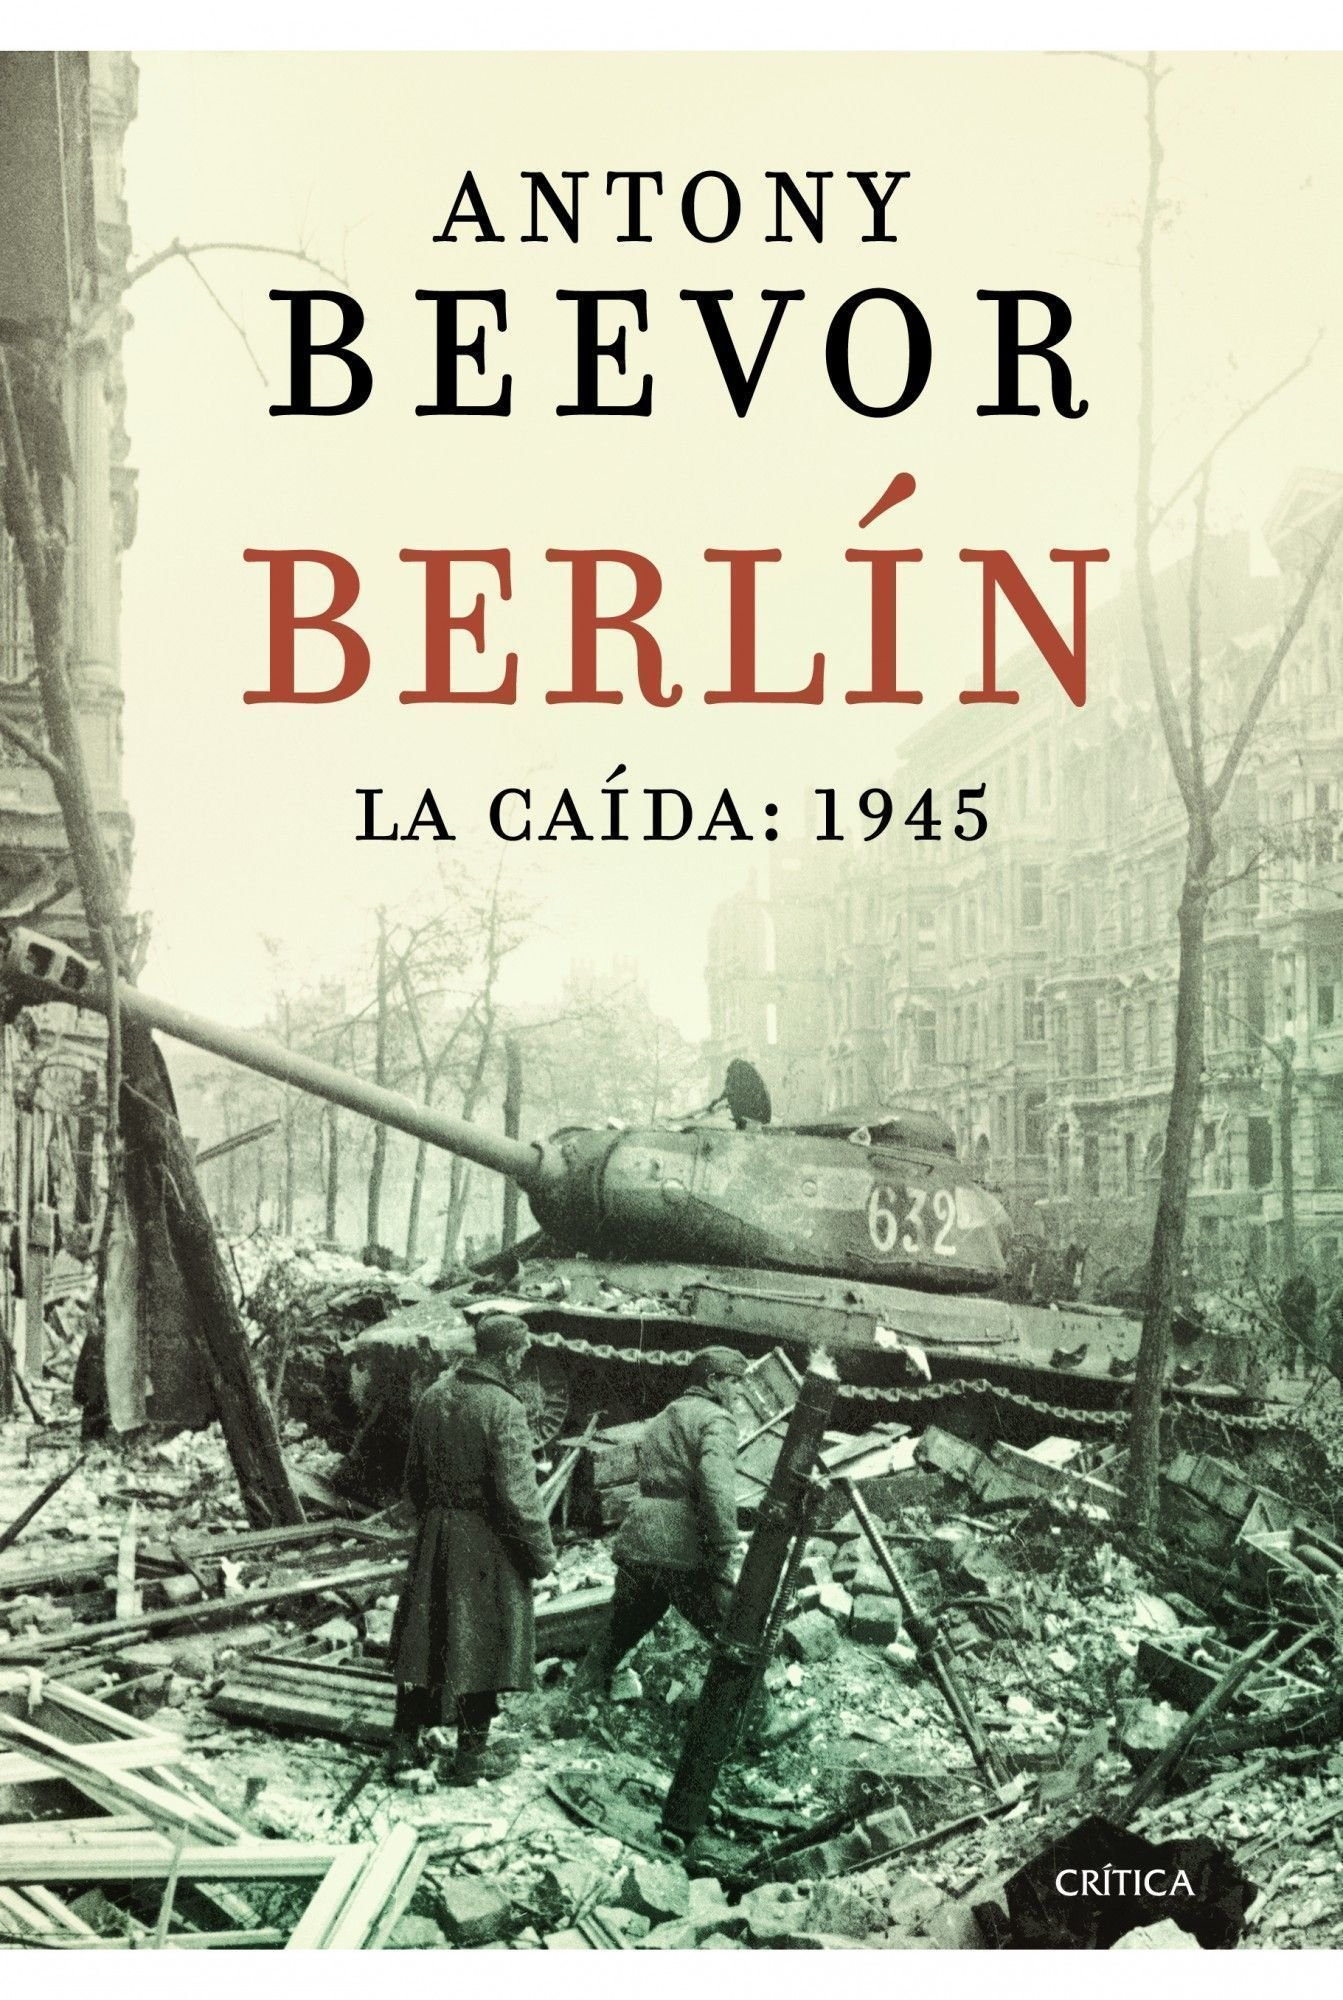 Berlín: La caída: 1945 (Memoria (critica)): Amazon.es: Antony Beevor ...